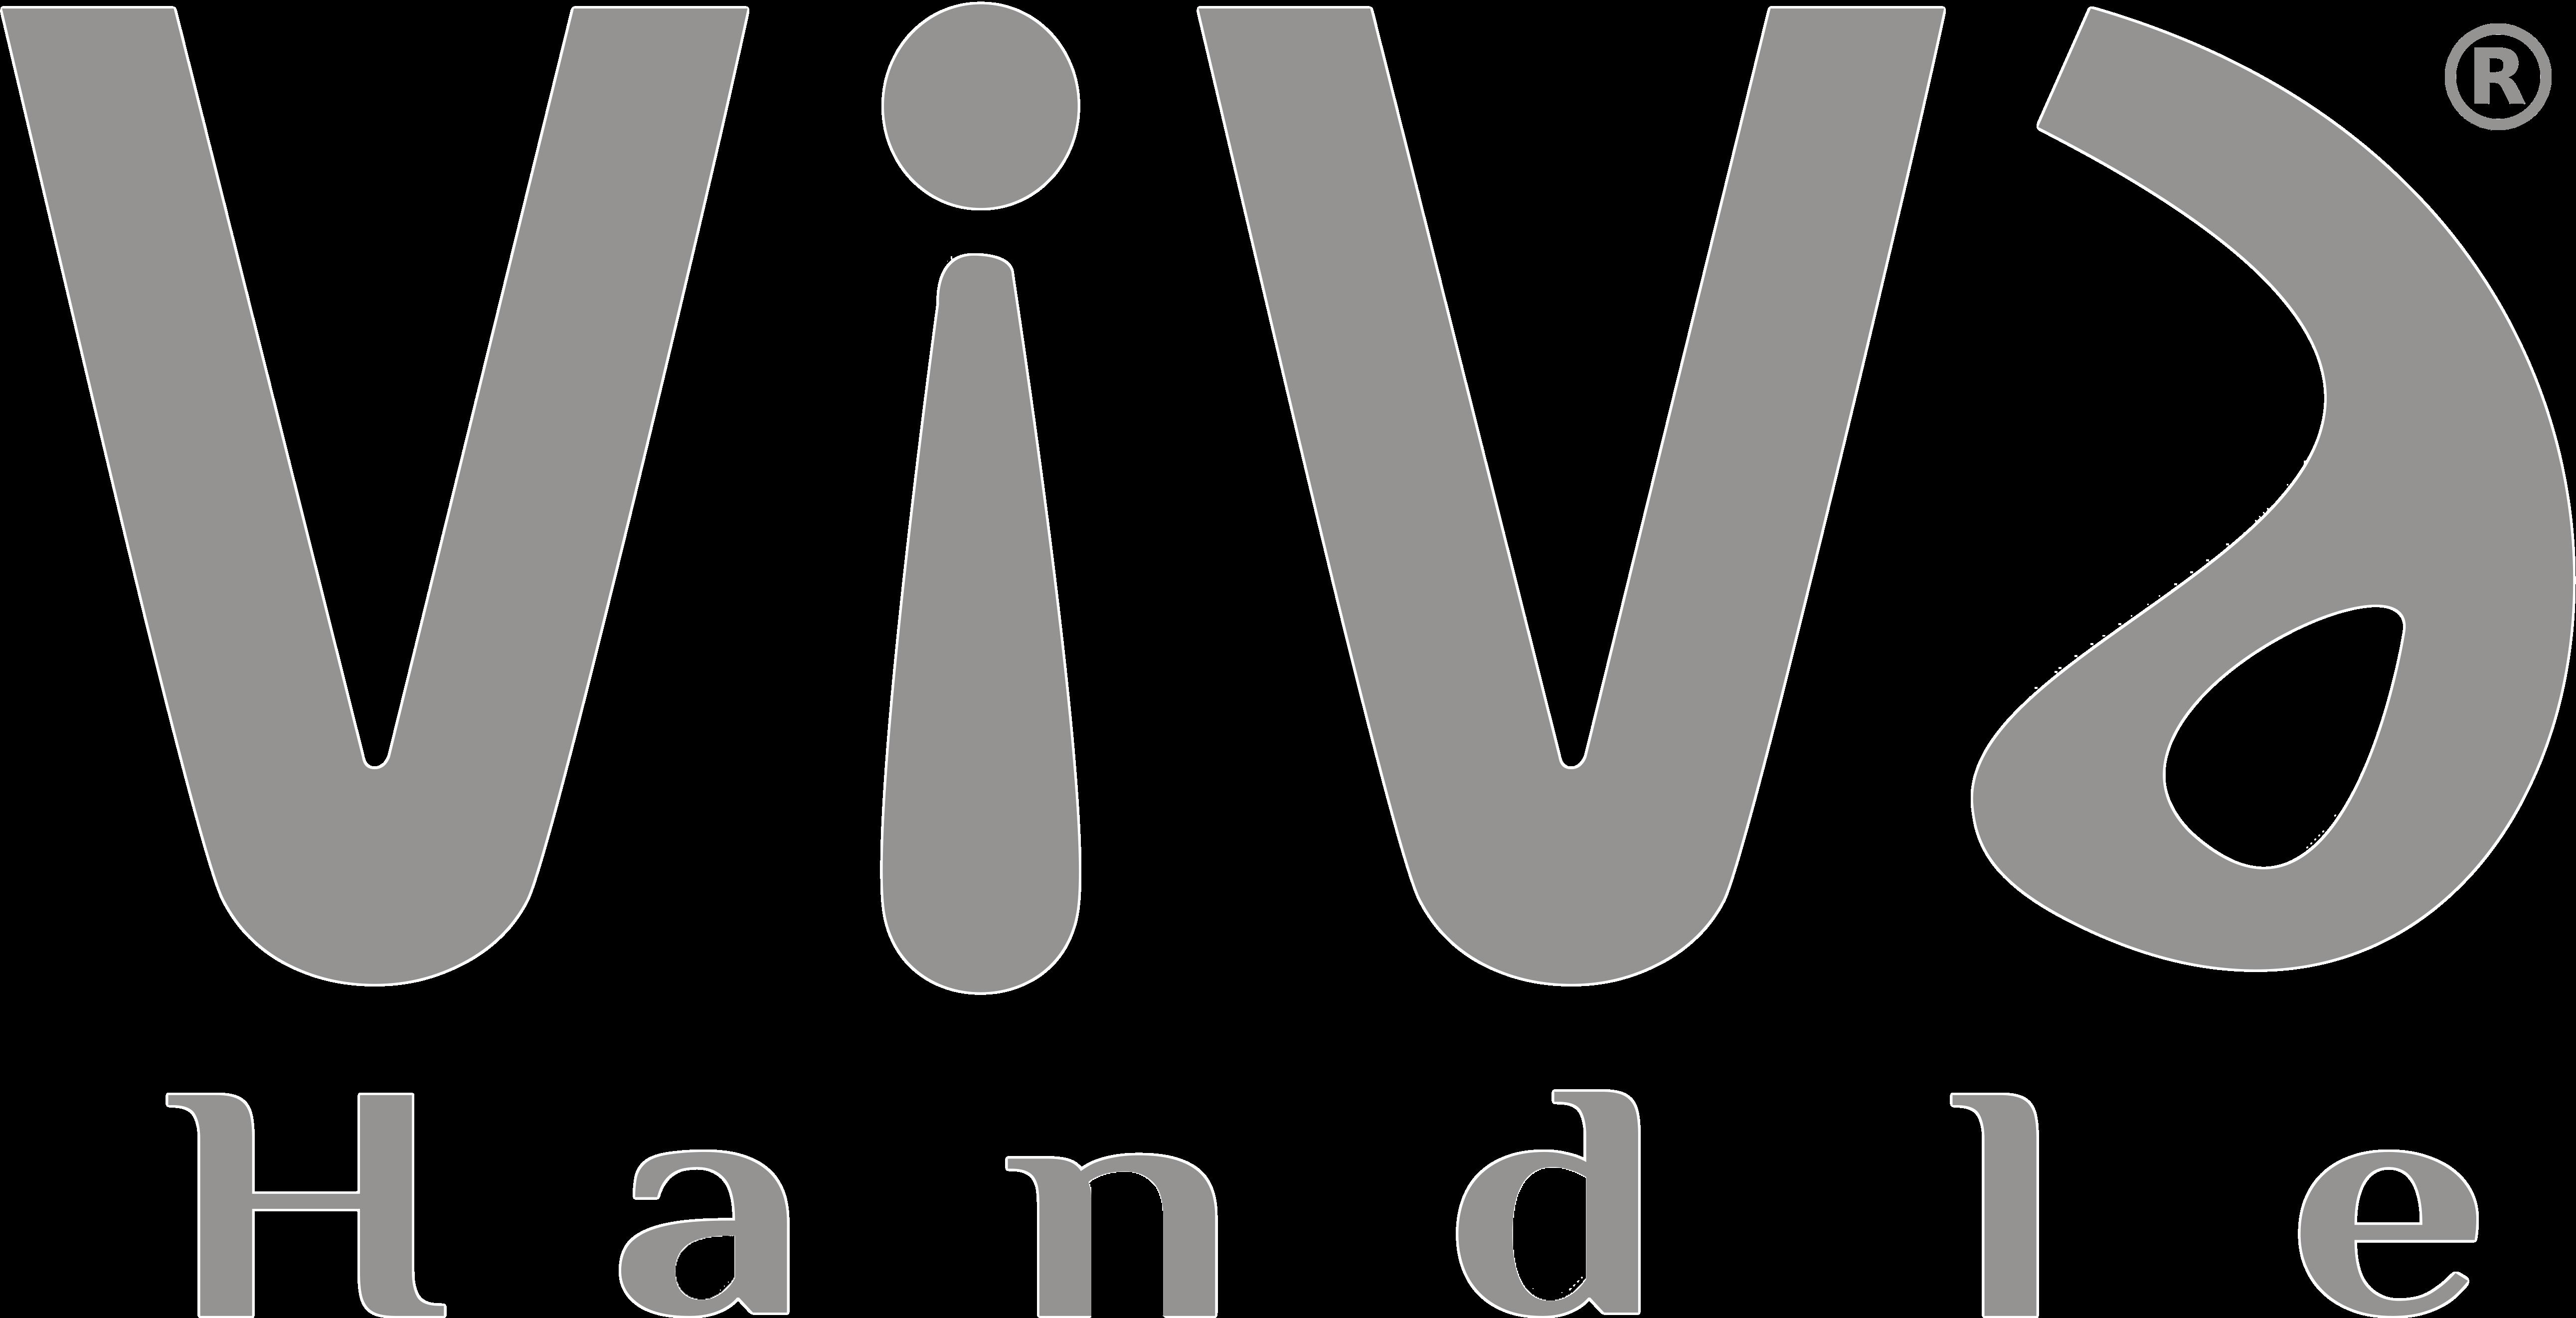 UFK KELEŞOĞLU MOBİLYA AKSESUARLARI SAN. A.Ş. / Viva Handle